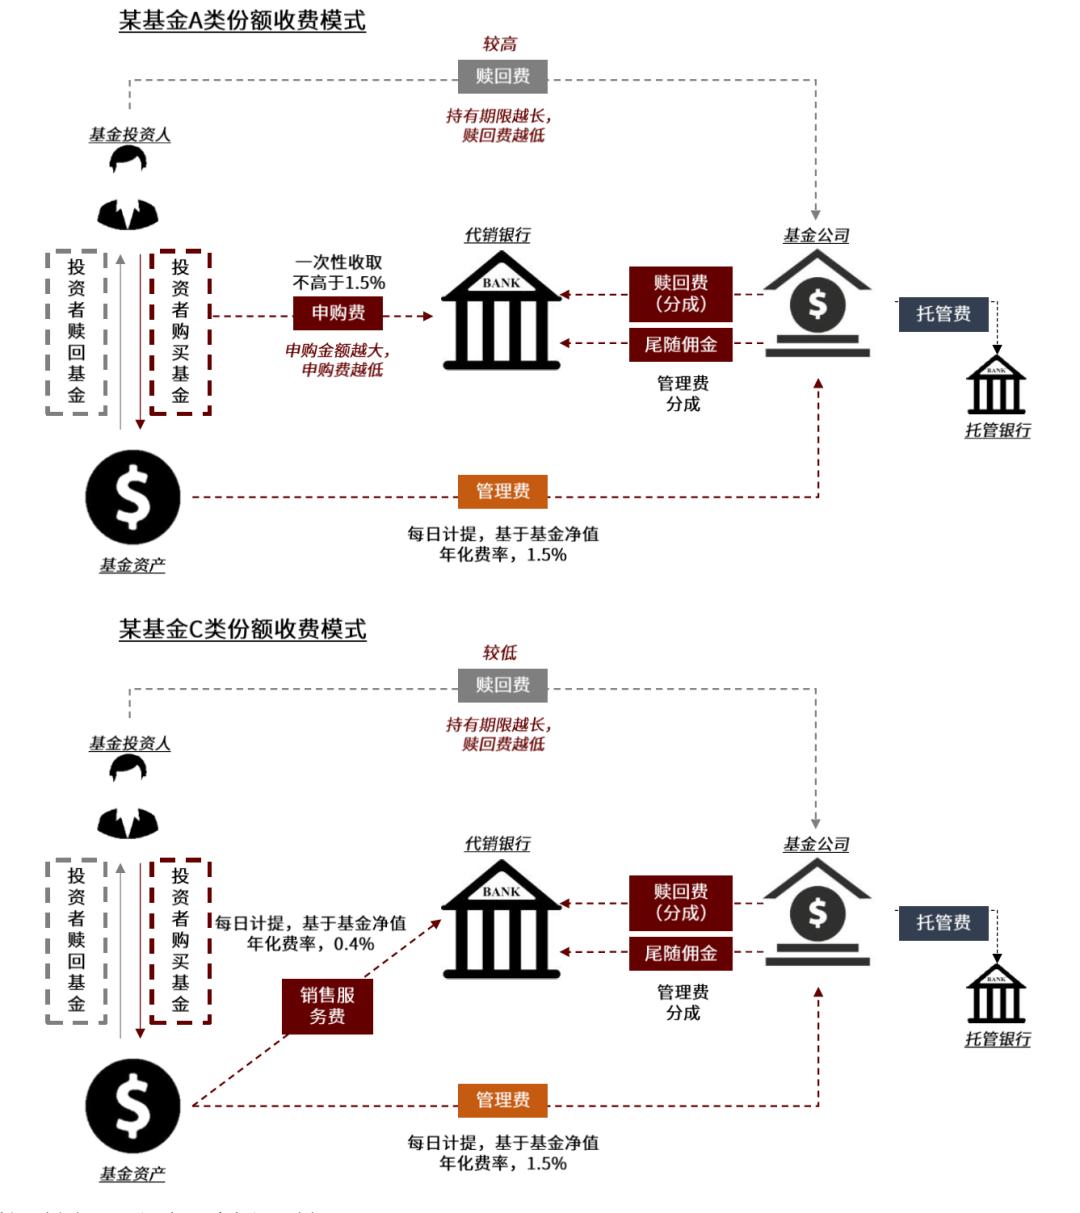 资料来源:各银行APP,公司官网,中金公司研究部